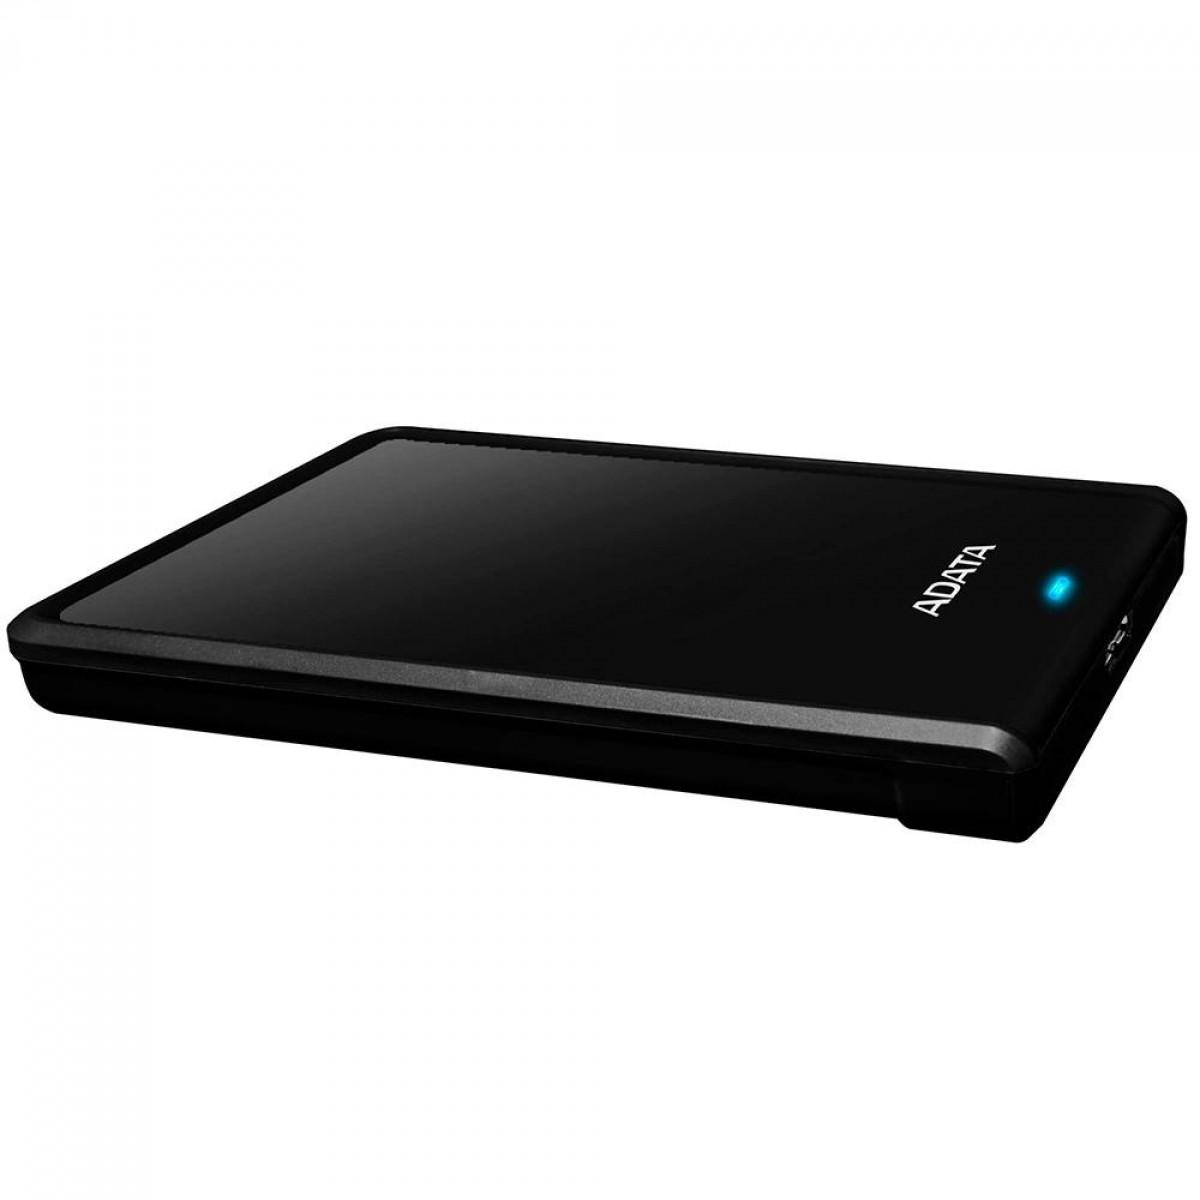 HD Externo Portátil Adata 1TB 2.5 USB 3.0 Preto AHV620S-1TU31-CBK